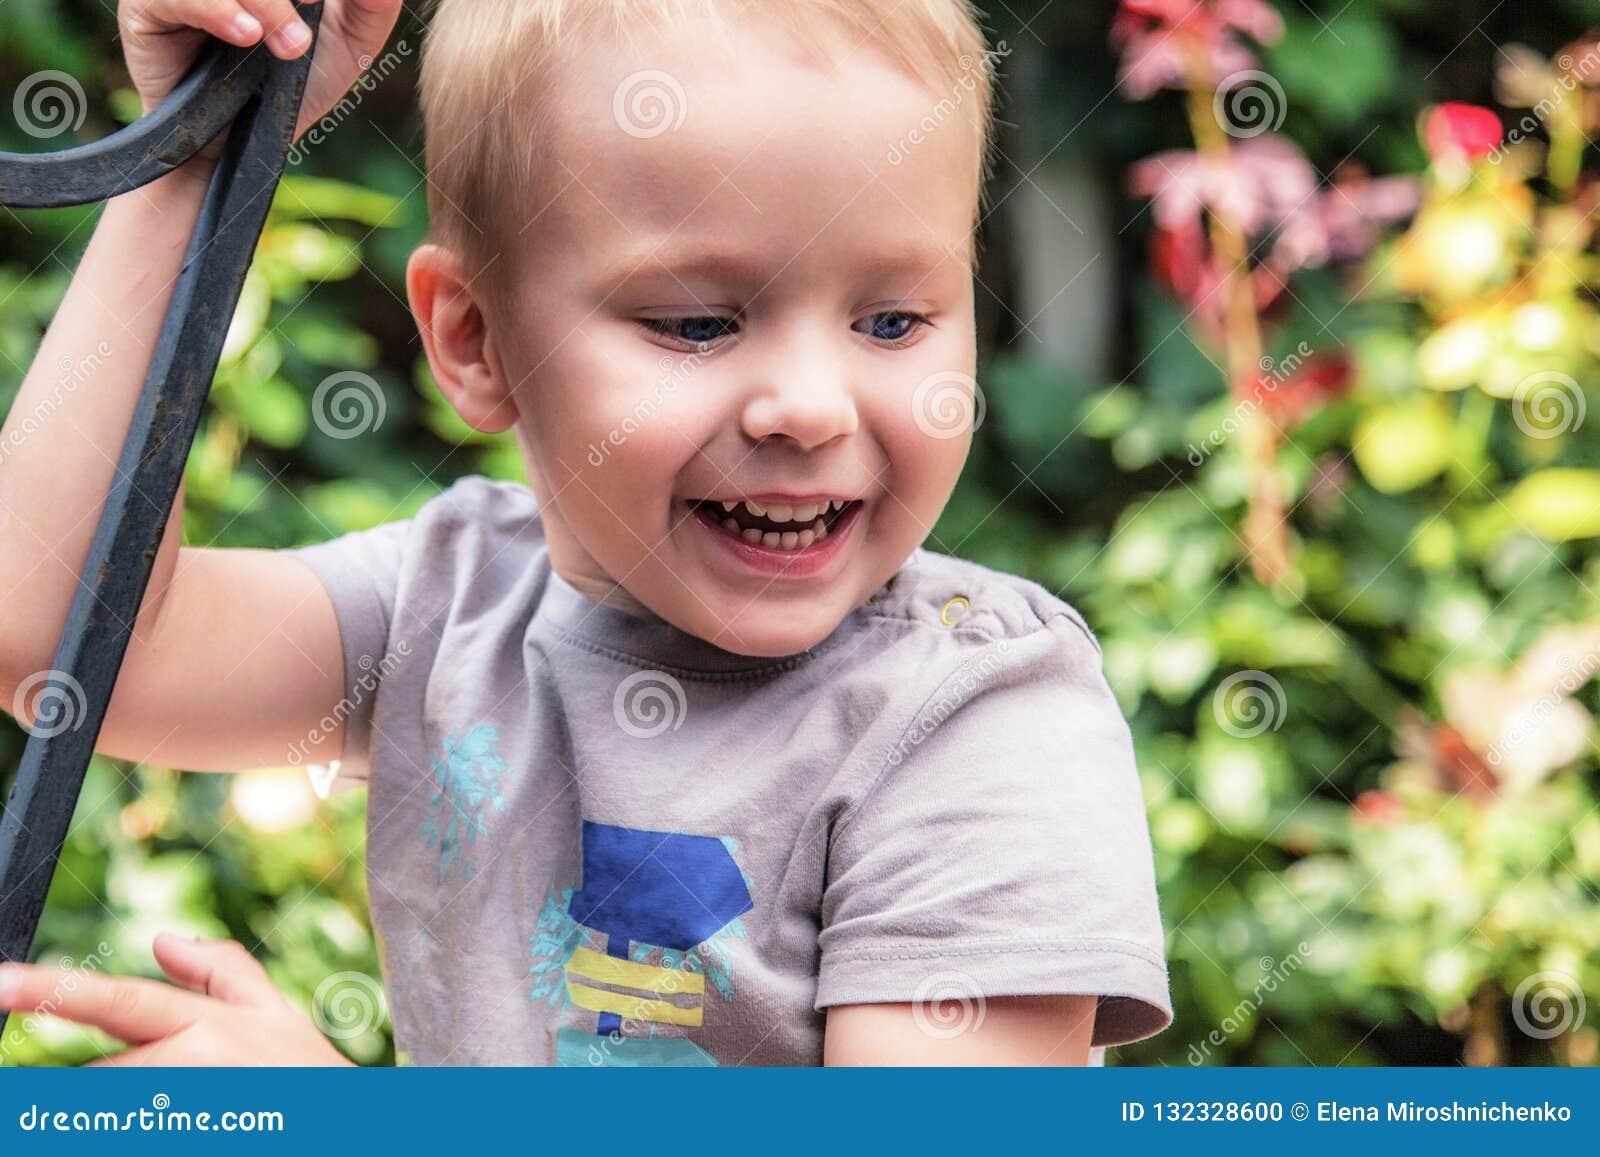 Fondo verde sonriente de las flores del ot al aire libre del bebé lindo